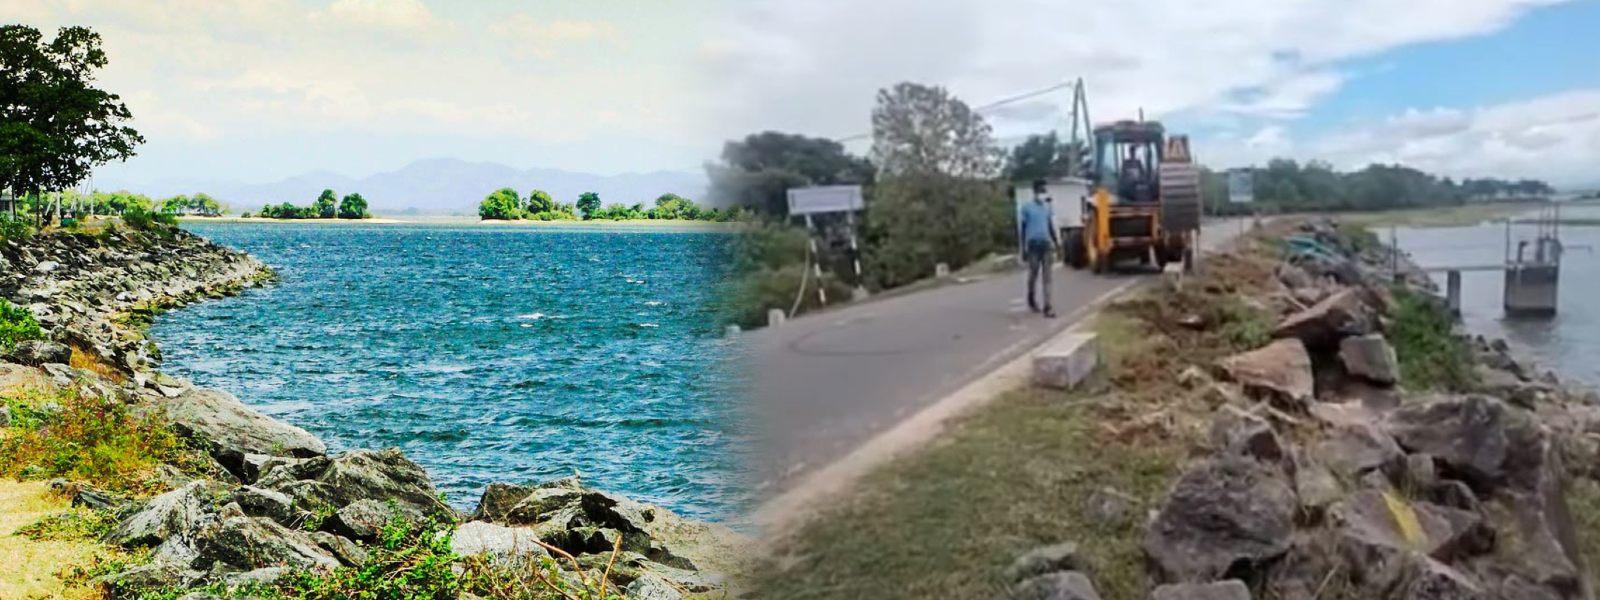 Parakrama Samudra Jogging Track Project, suspended